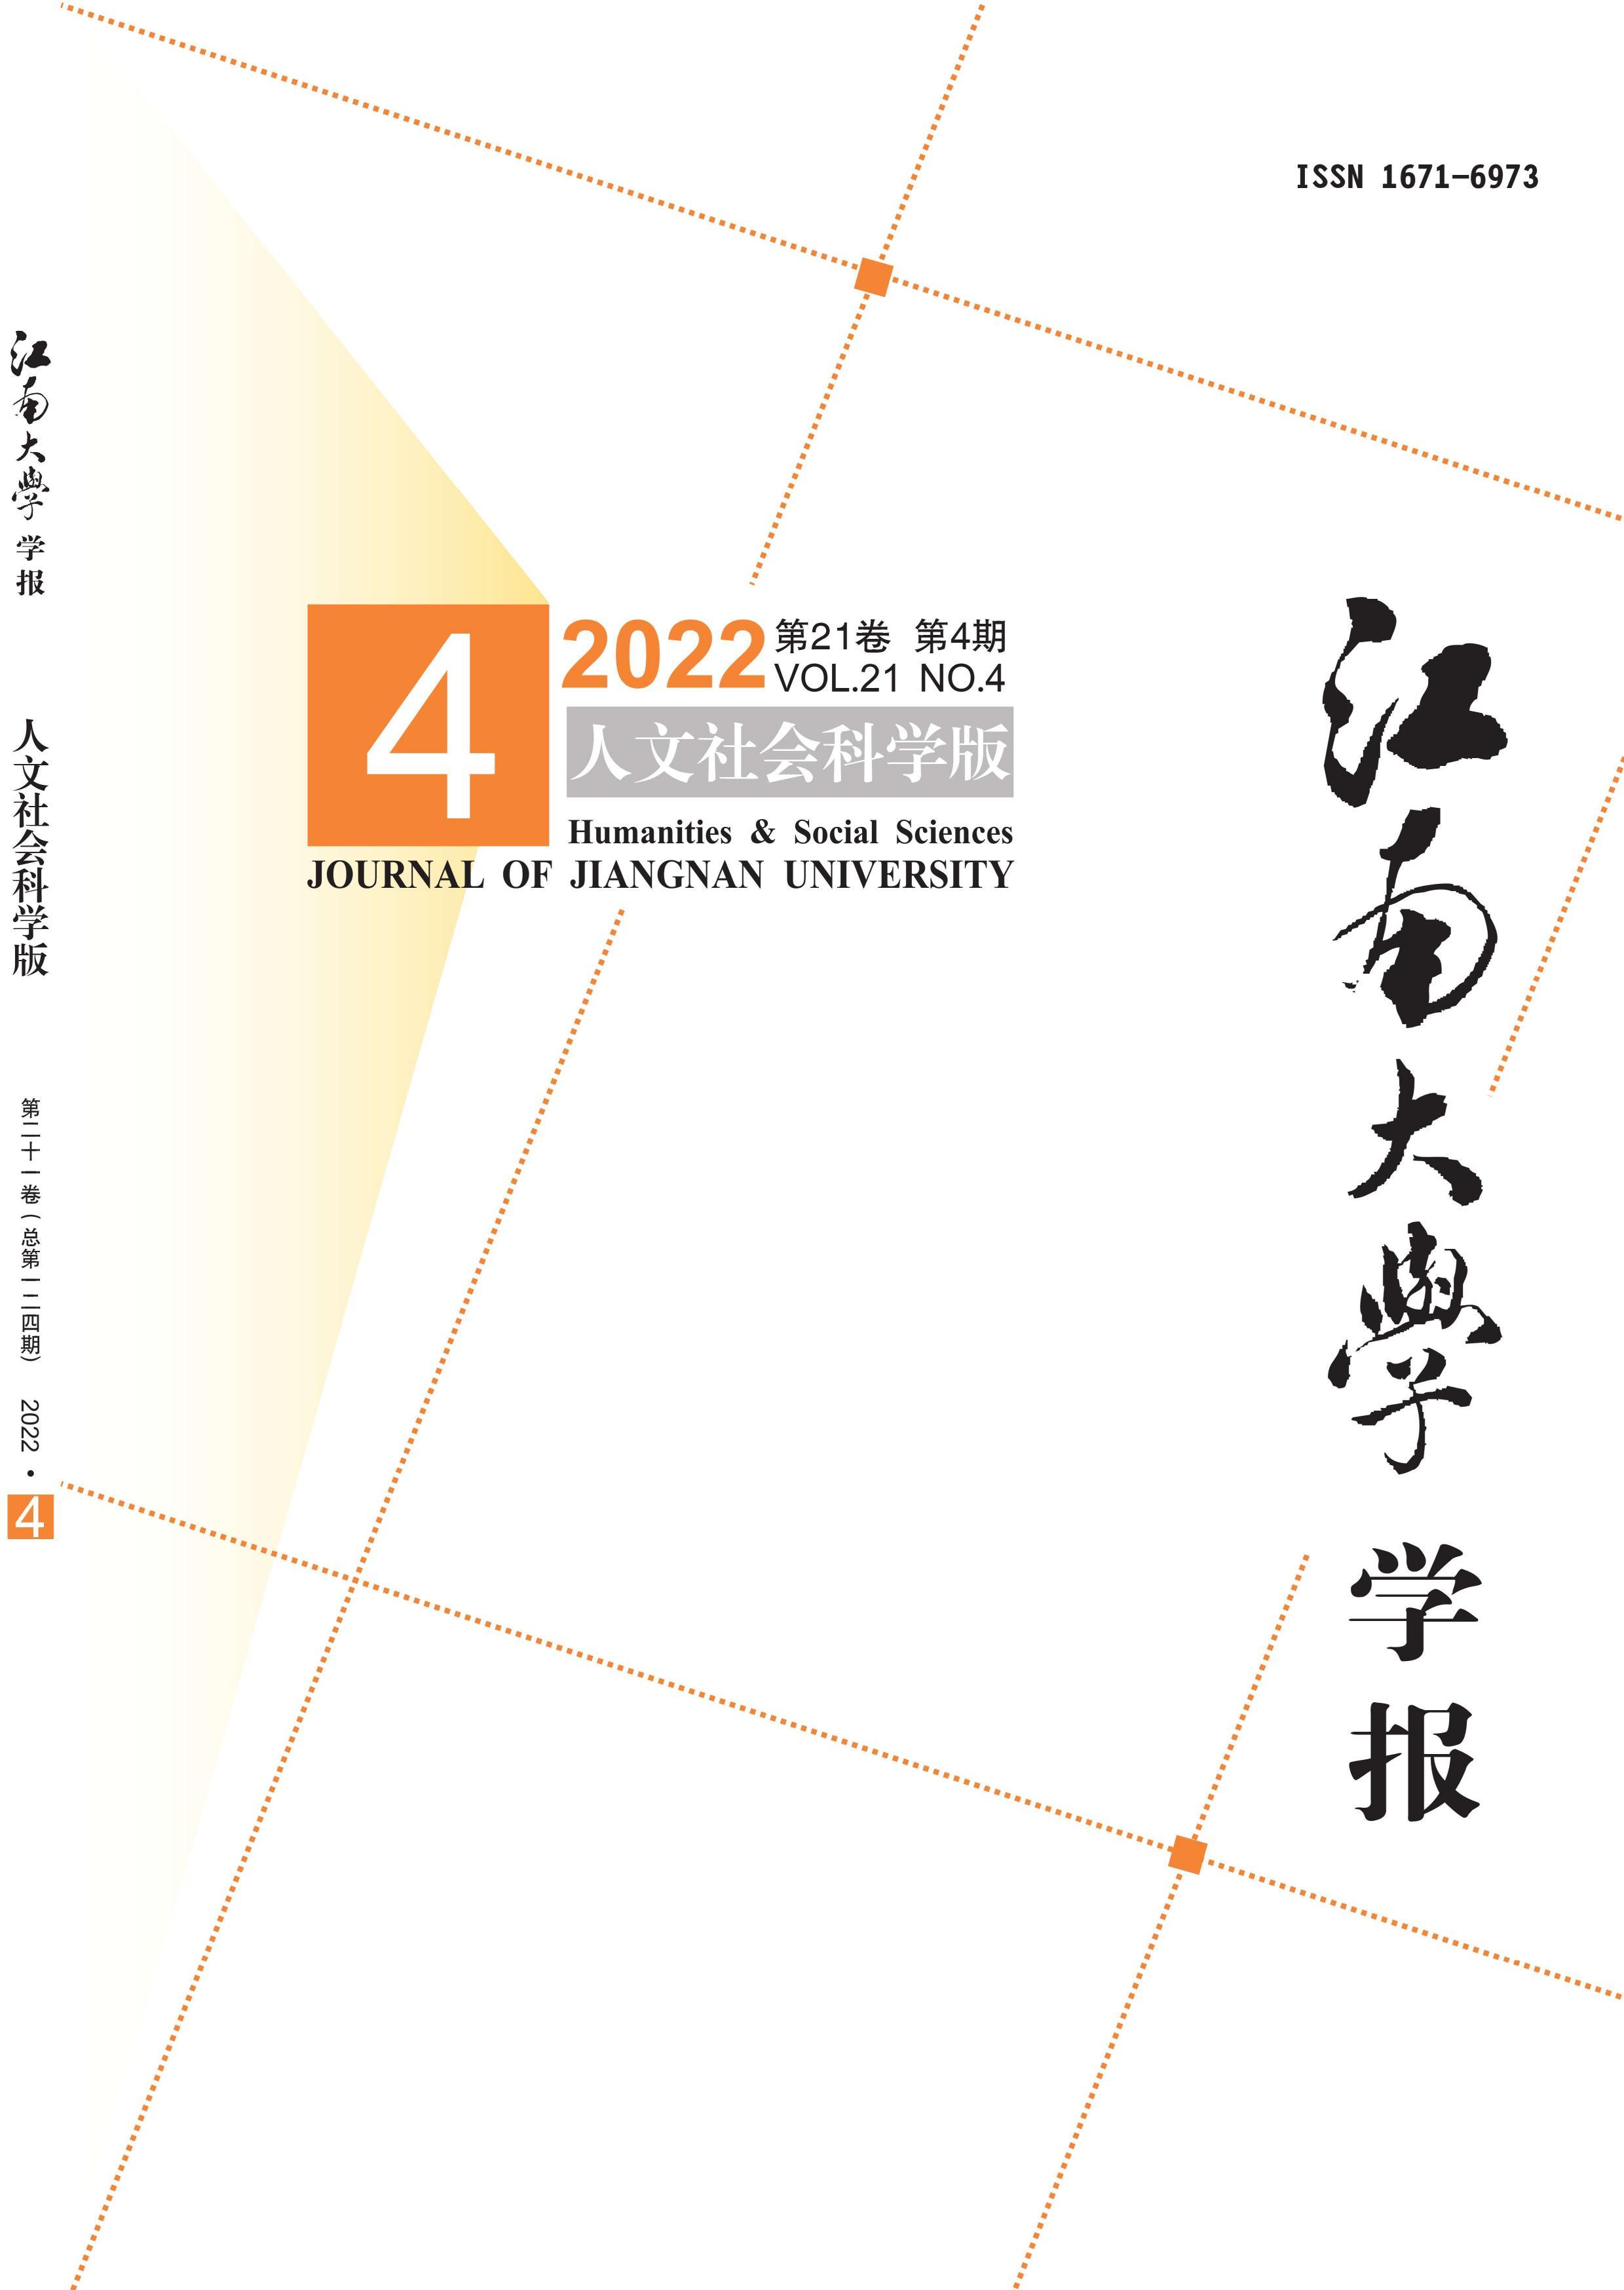 江南大学学报:人文社会科学版